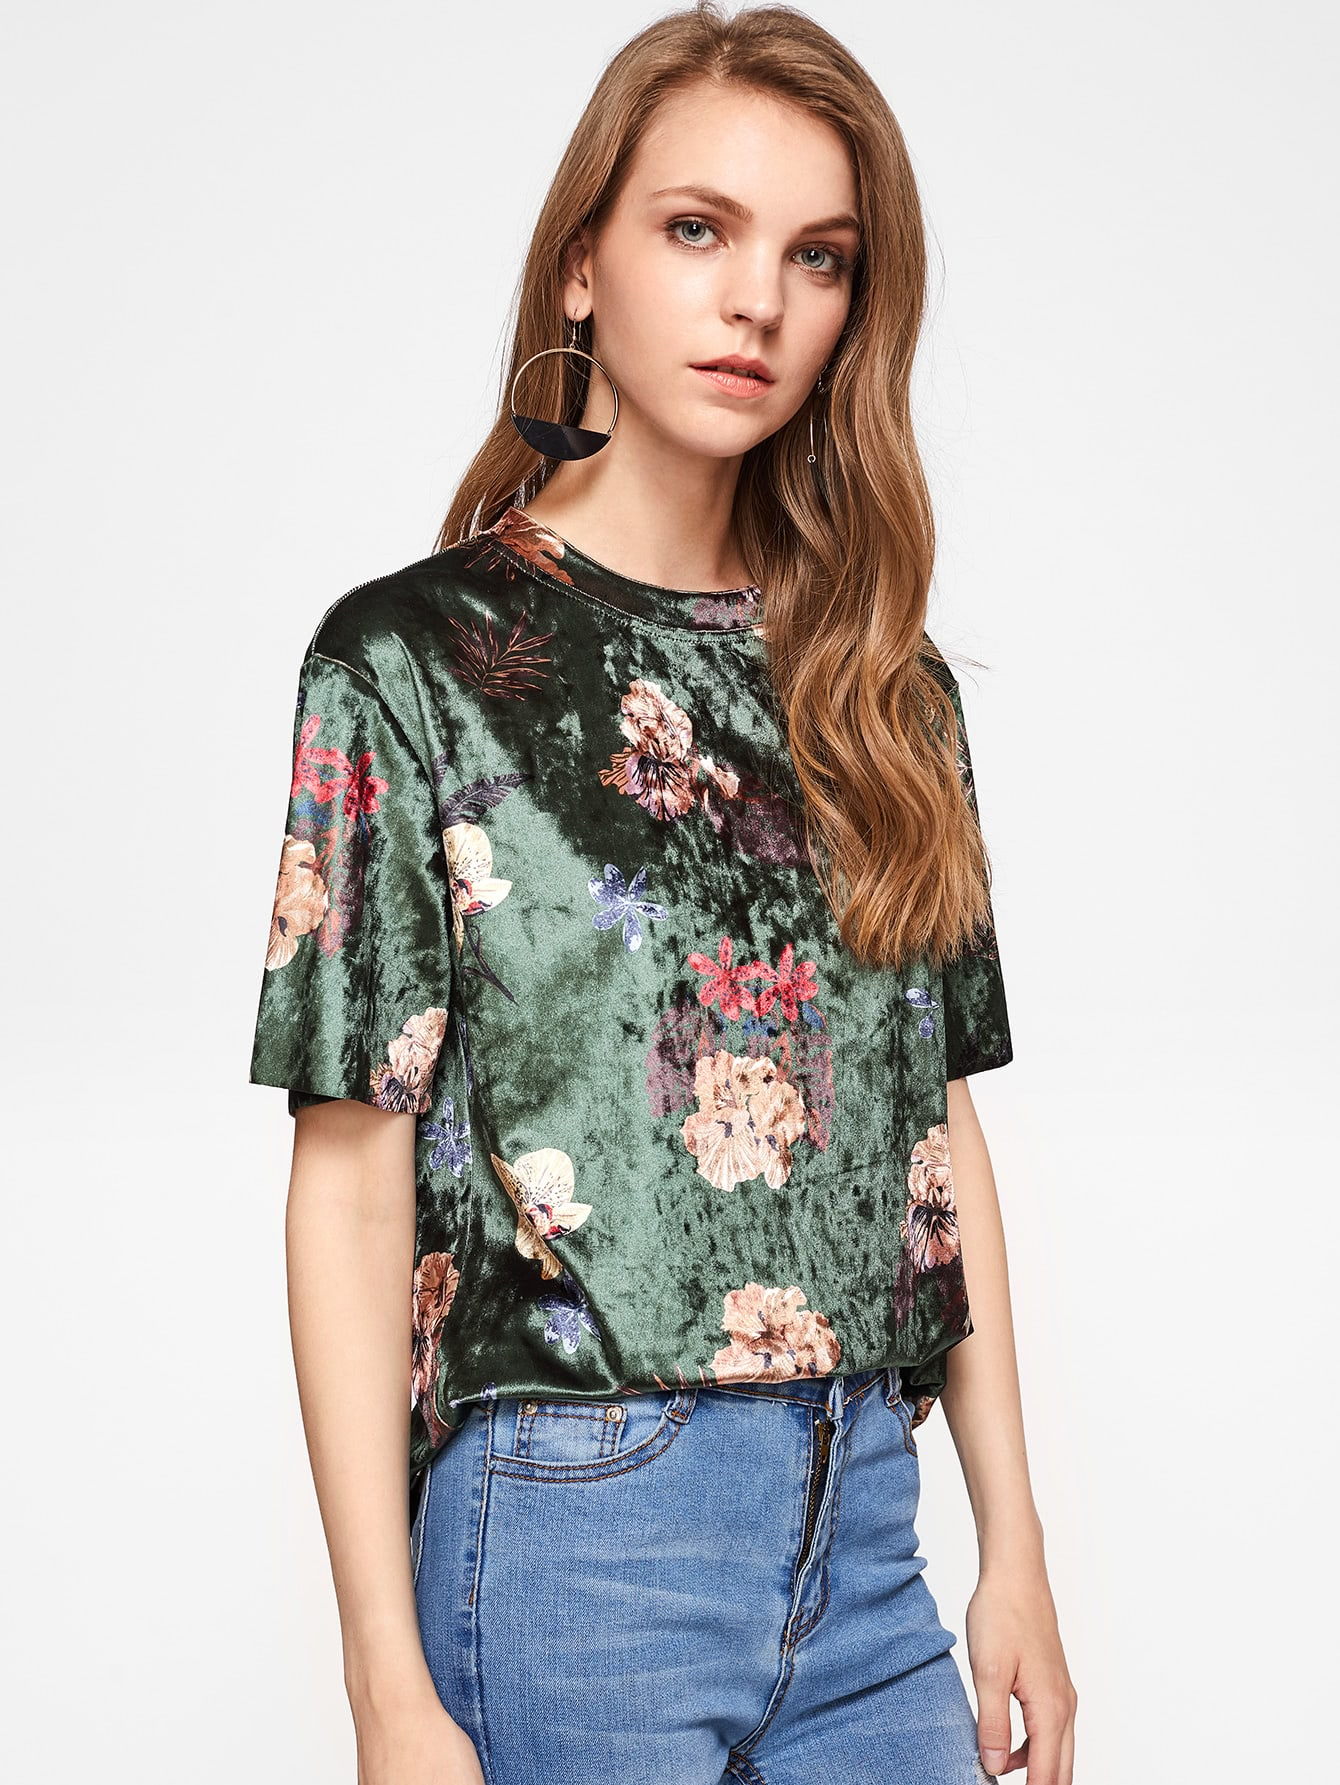 Flower Print Velvet T-shirt redfox футболка flower t 42 4300 желтый